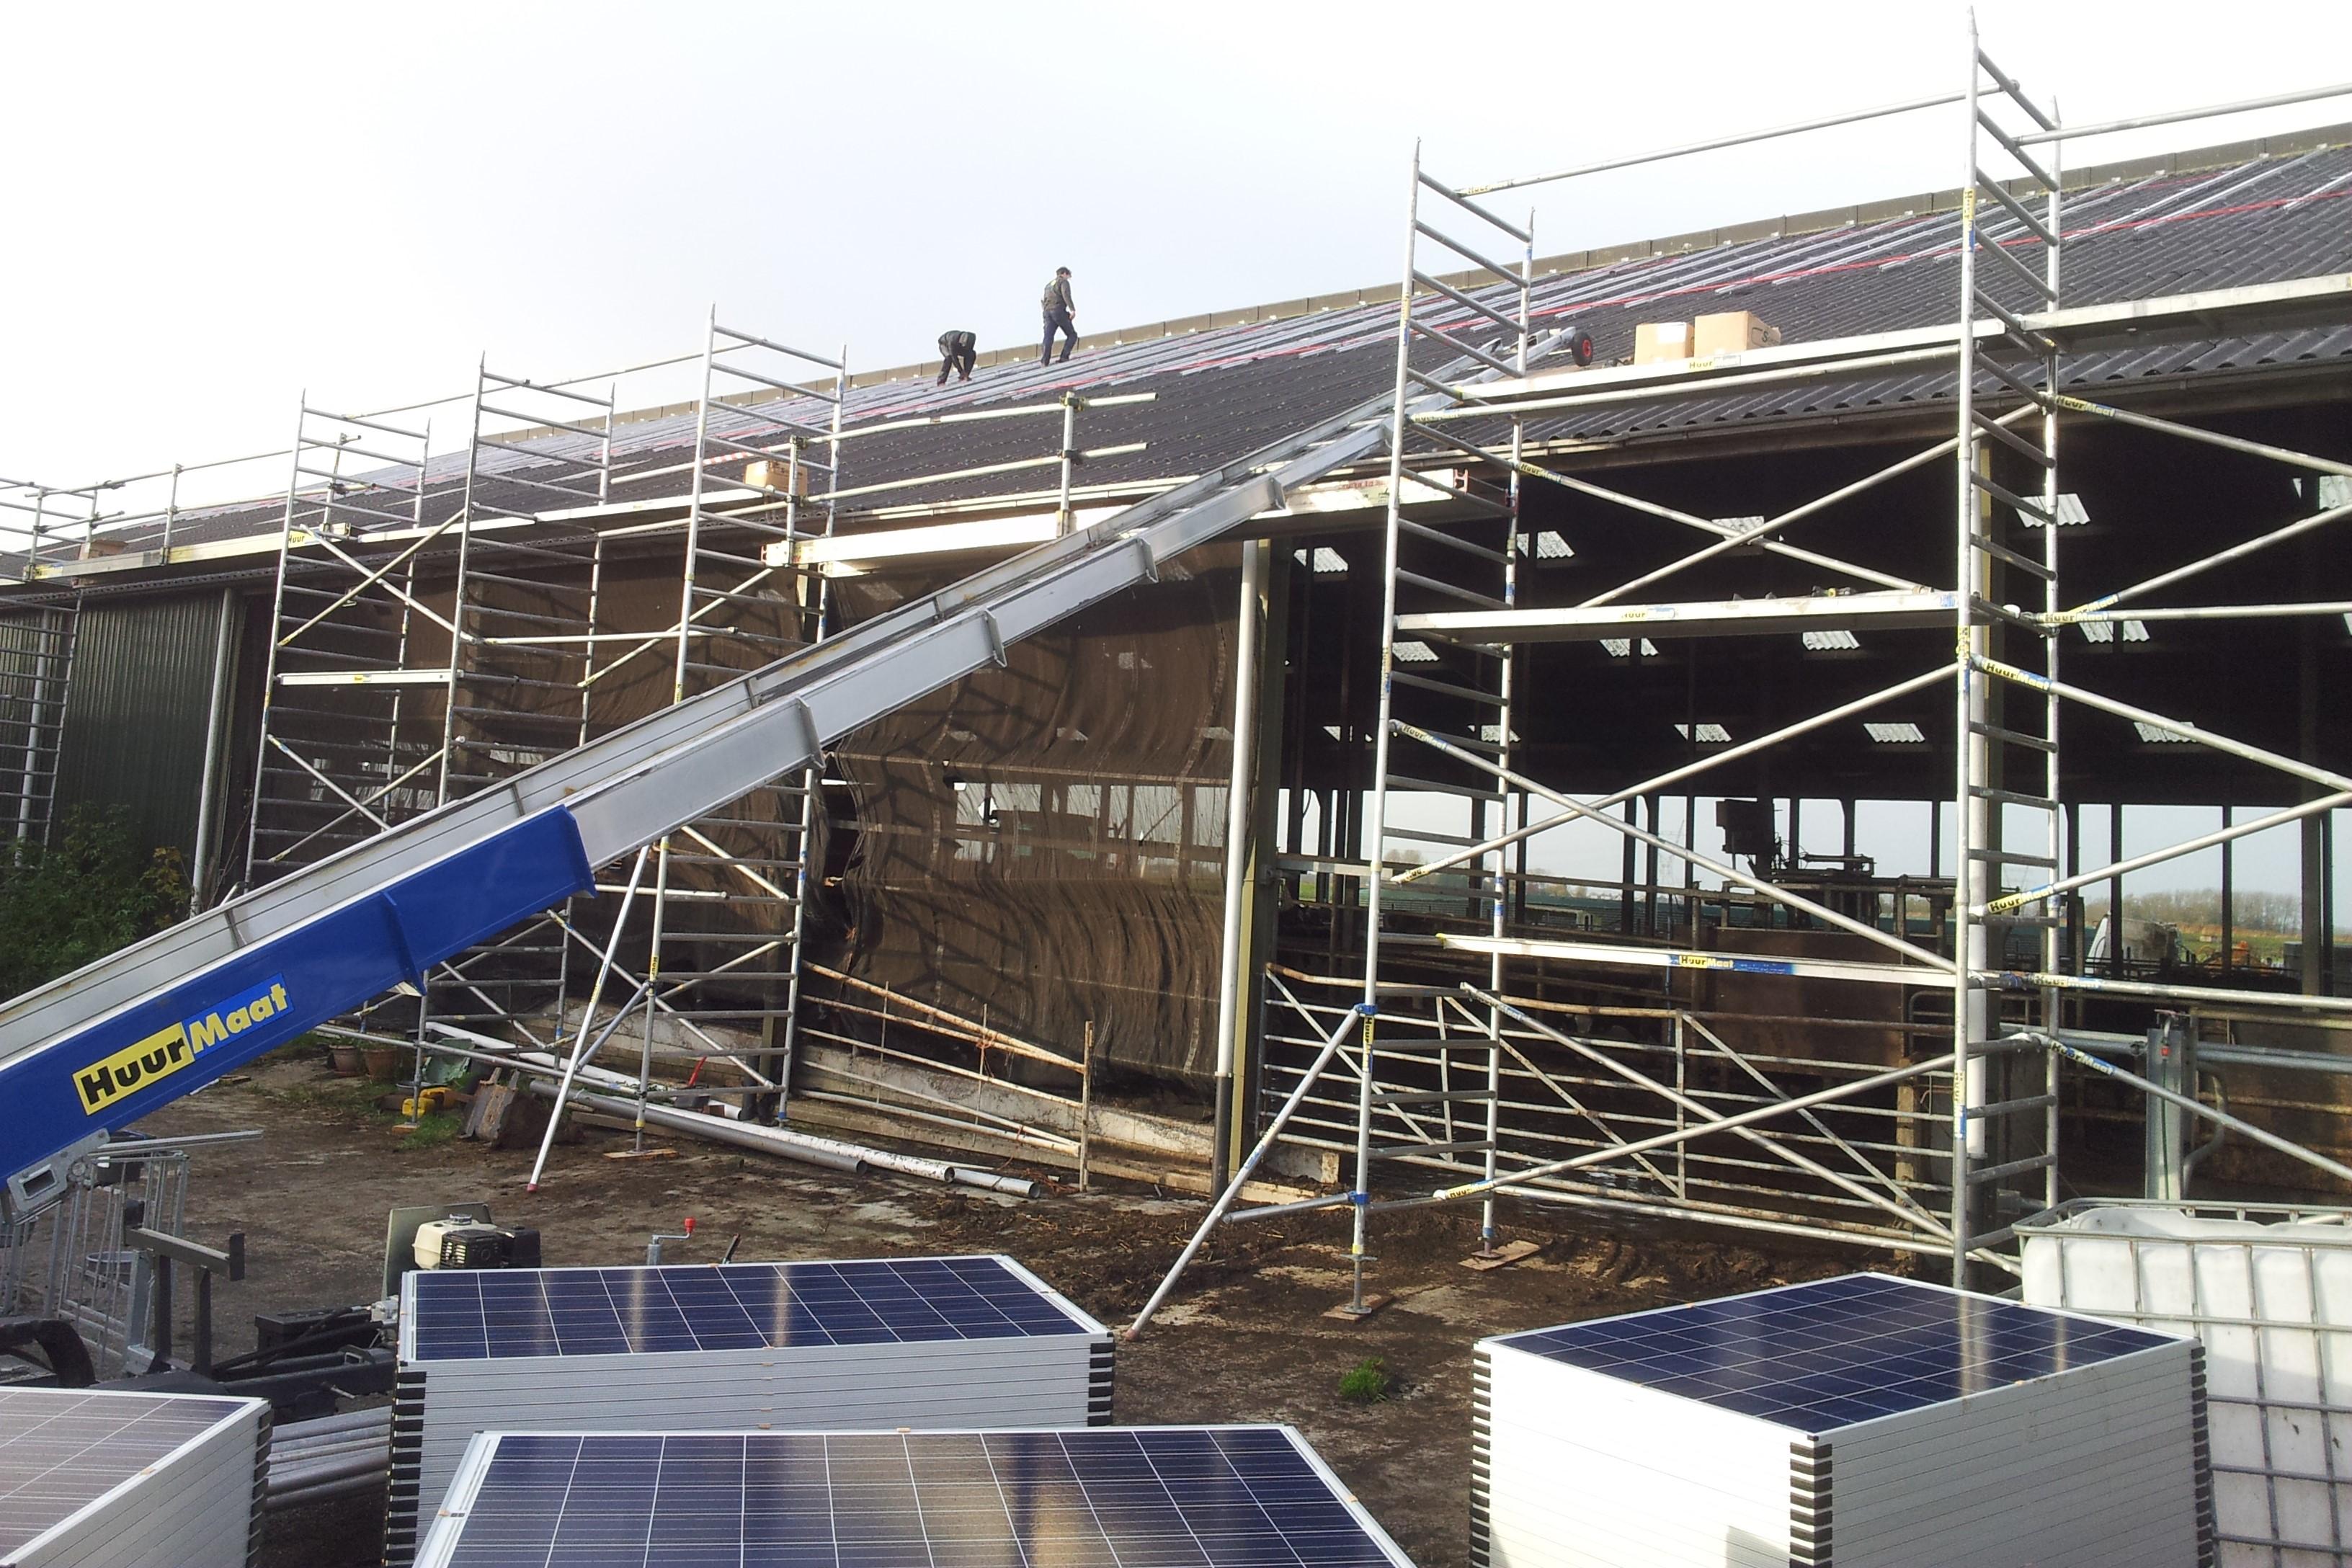 272 zonnepanelen voor Energiecoöperatie Zon op Waterland